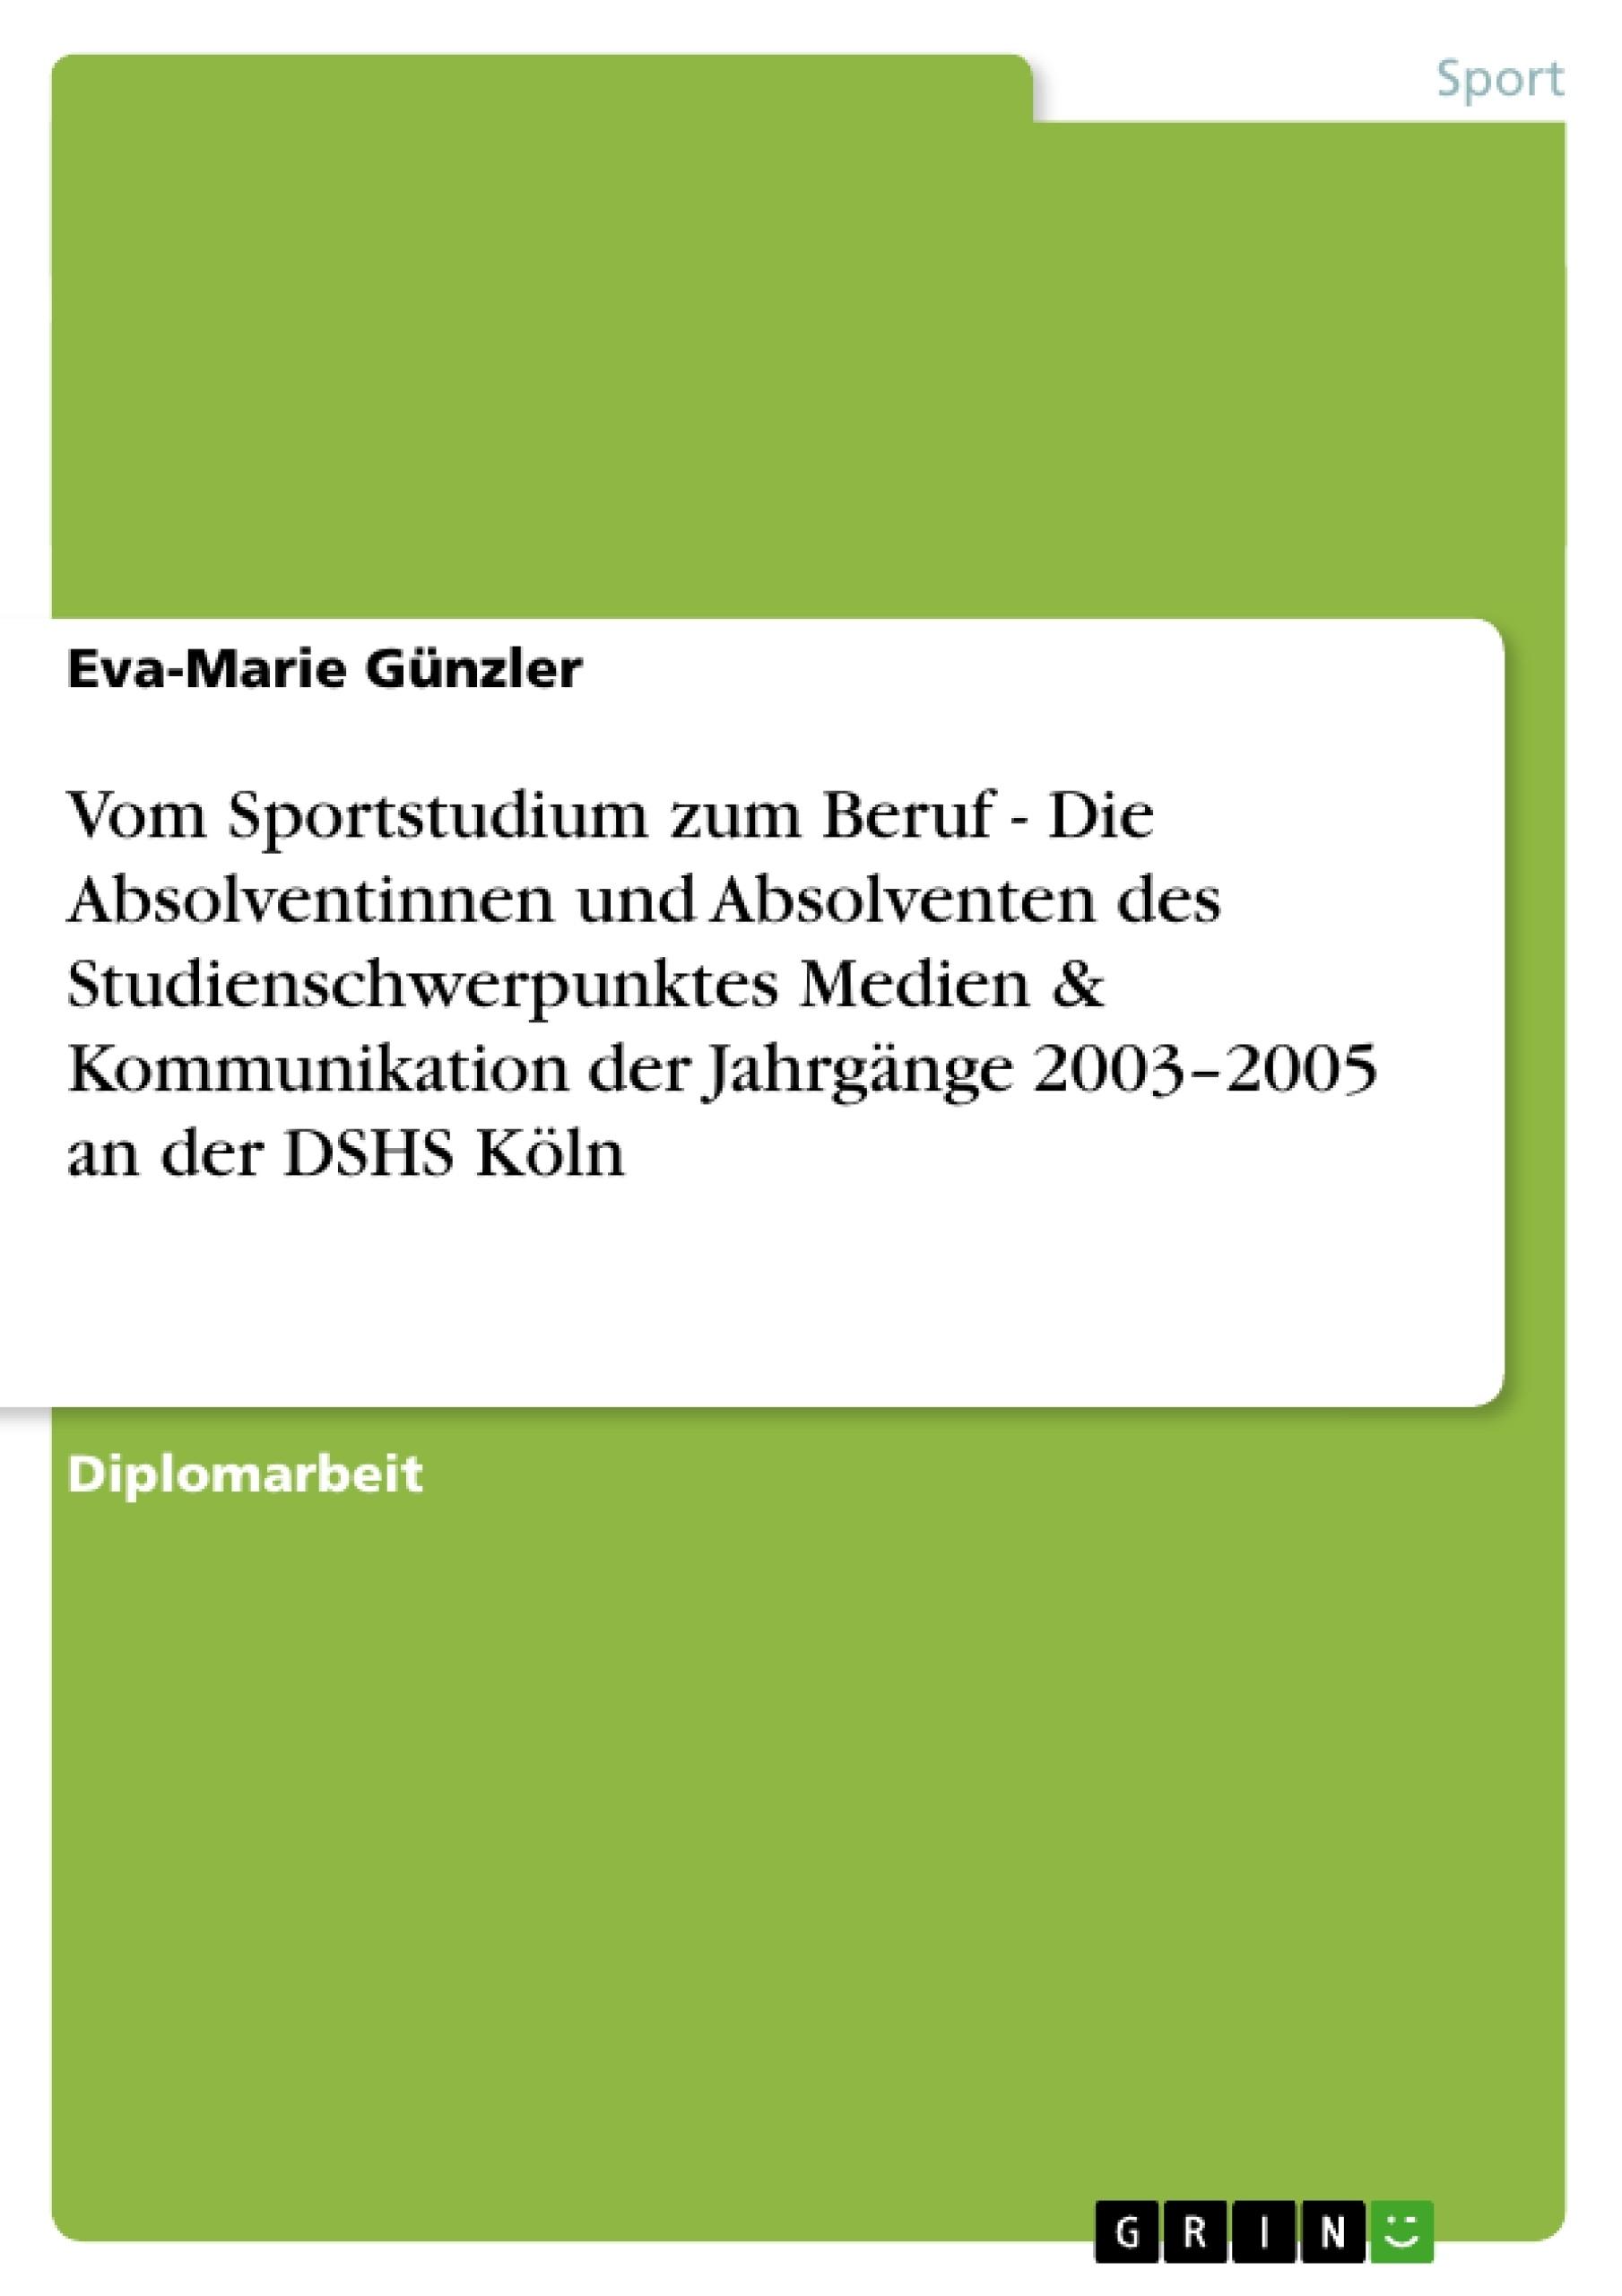 Titel: Vom Sportstudium zum Beruf - Die Absolventinnen und Absolventen des Studienschwerpunktes Medien & Kommunikation der Jahrgänge 2003–2005 an der DSHS Köln